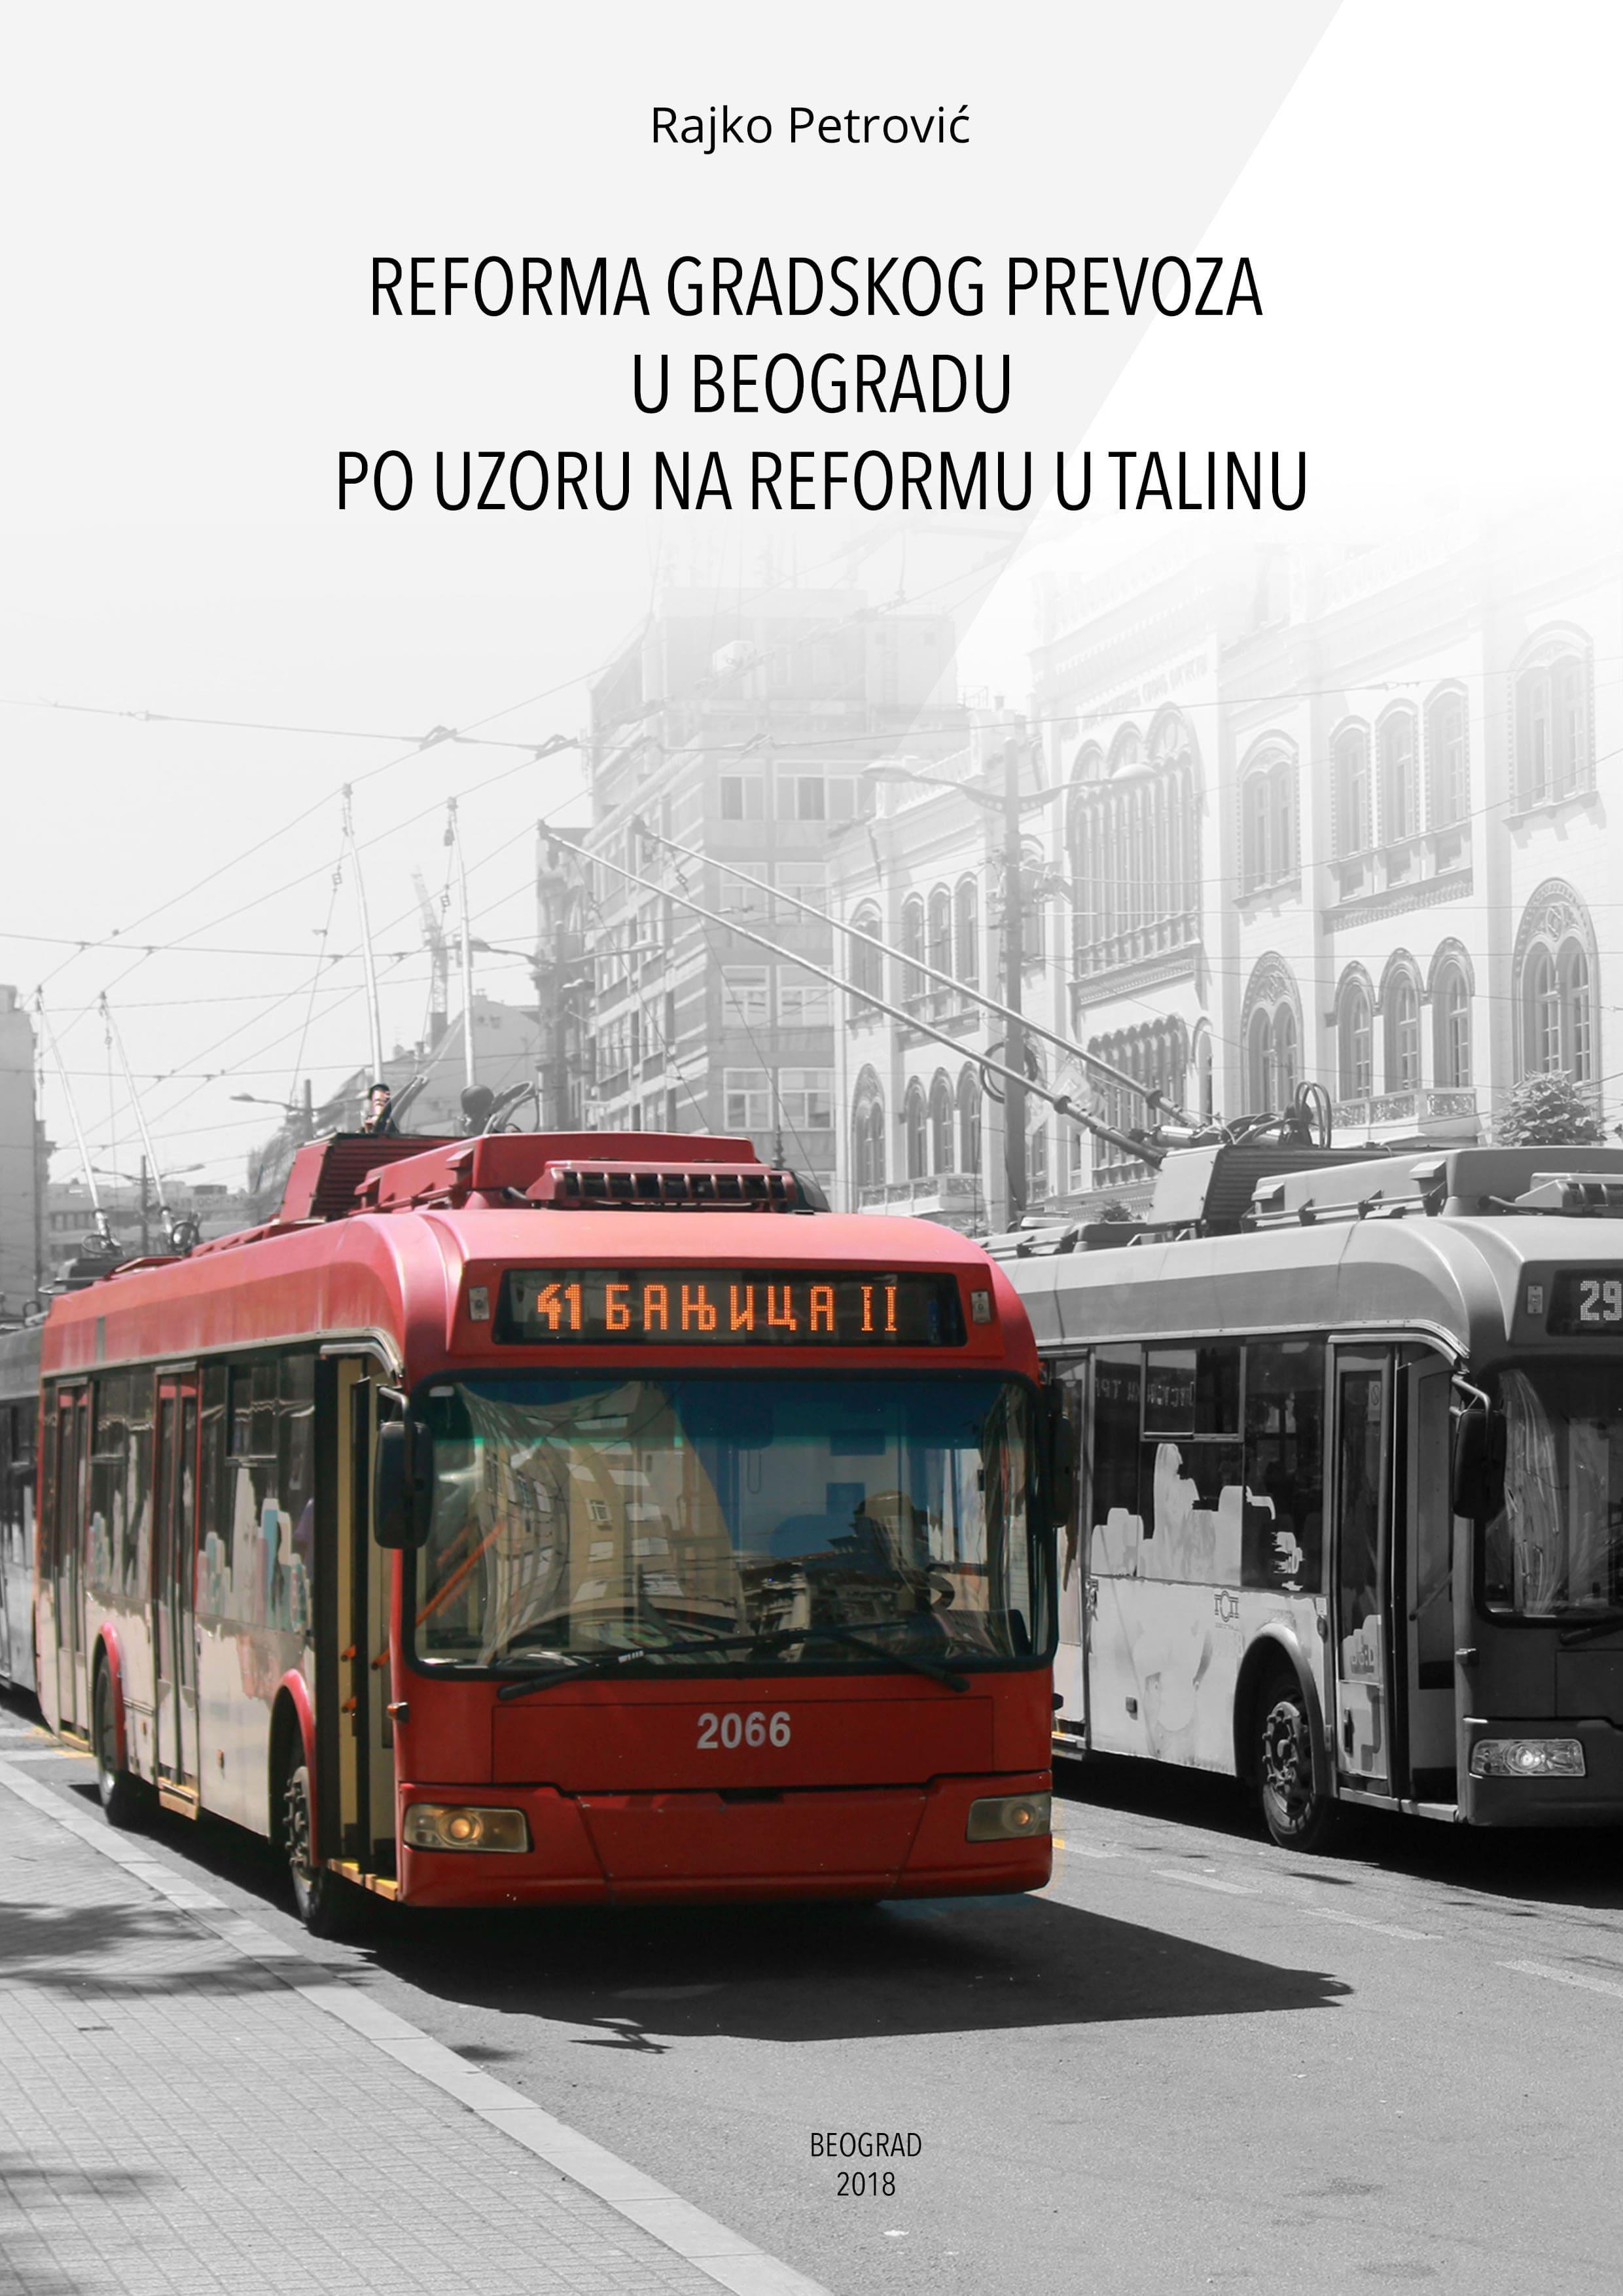 Reforma gradskog prevoza u Beogradu po uzoru na reformu u Talinu